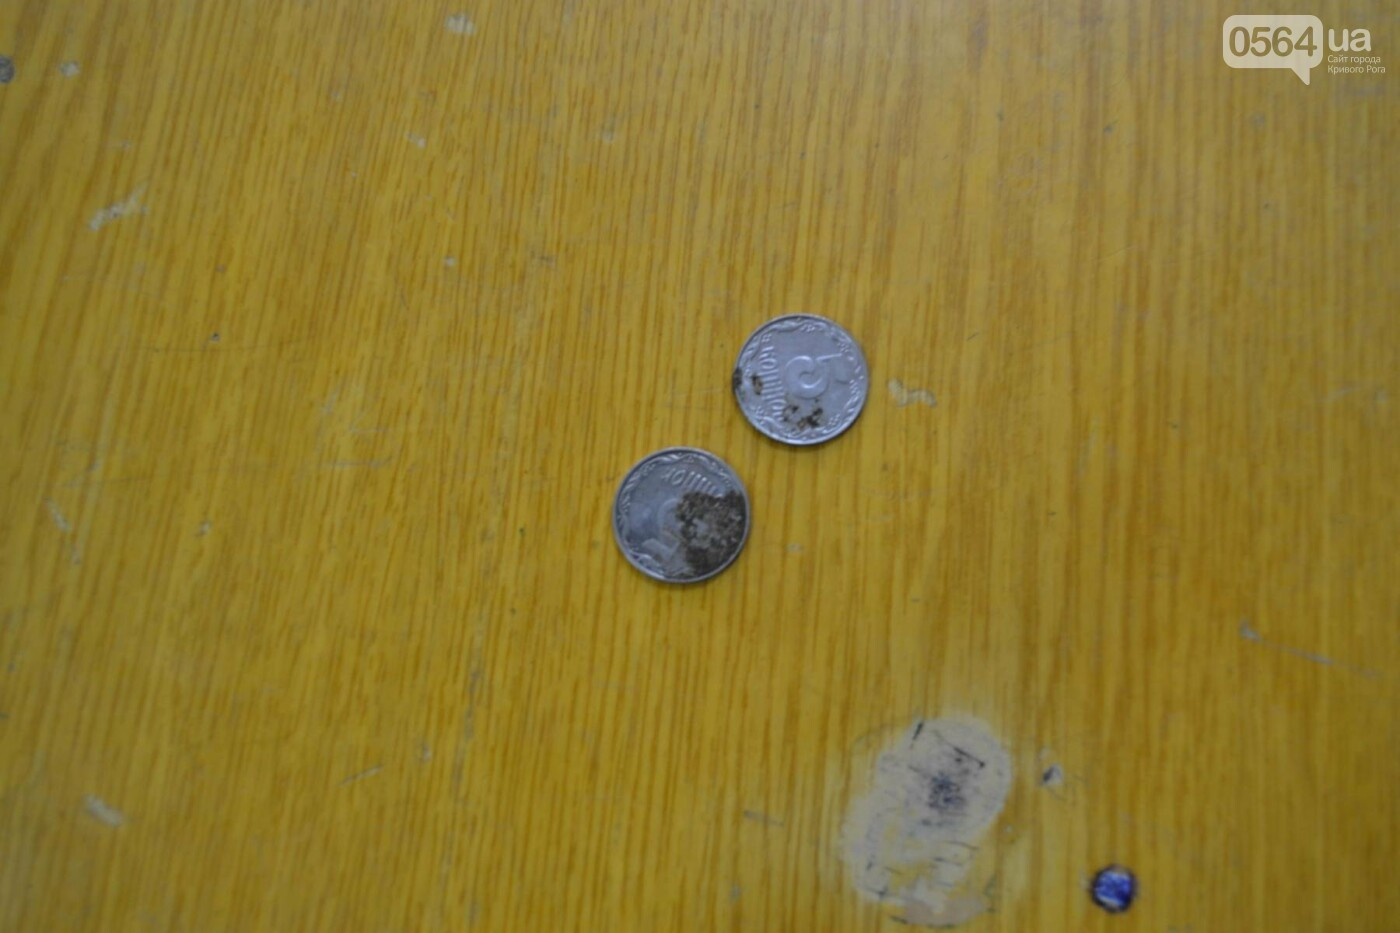 В школе Кривого Рога ремонтируют пол 5-копеечными монетами, - ФОТО, фото-18